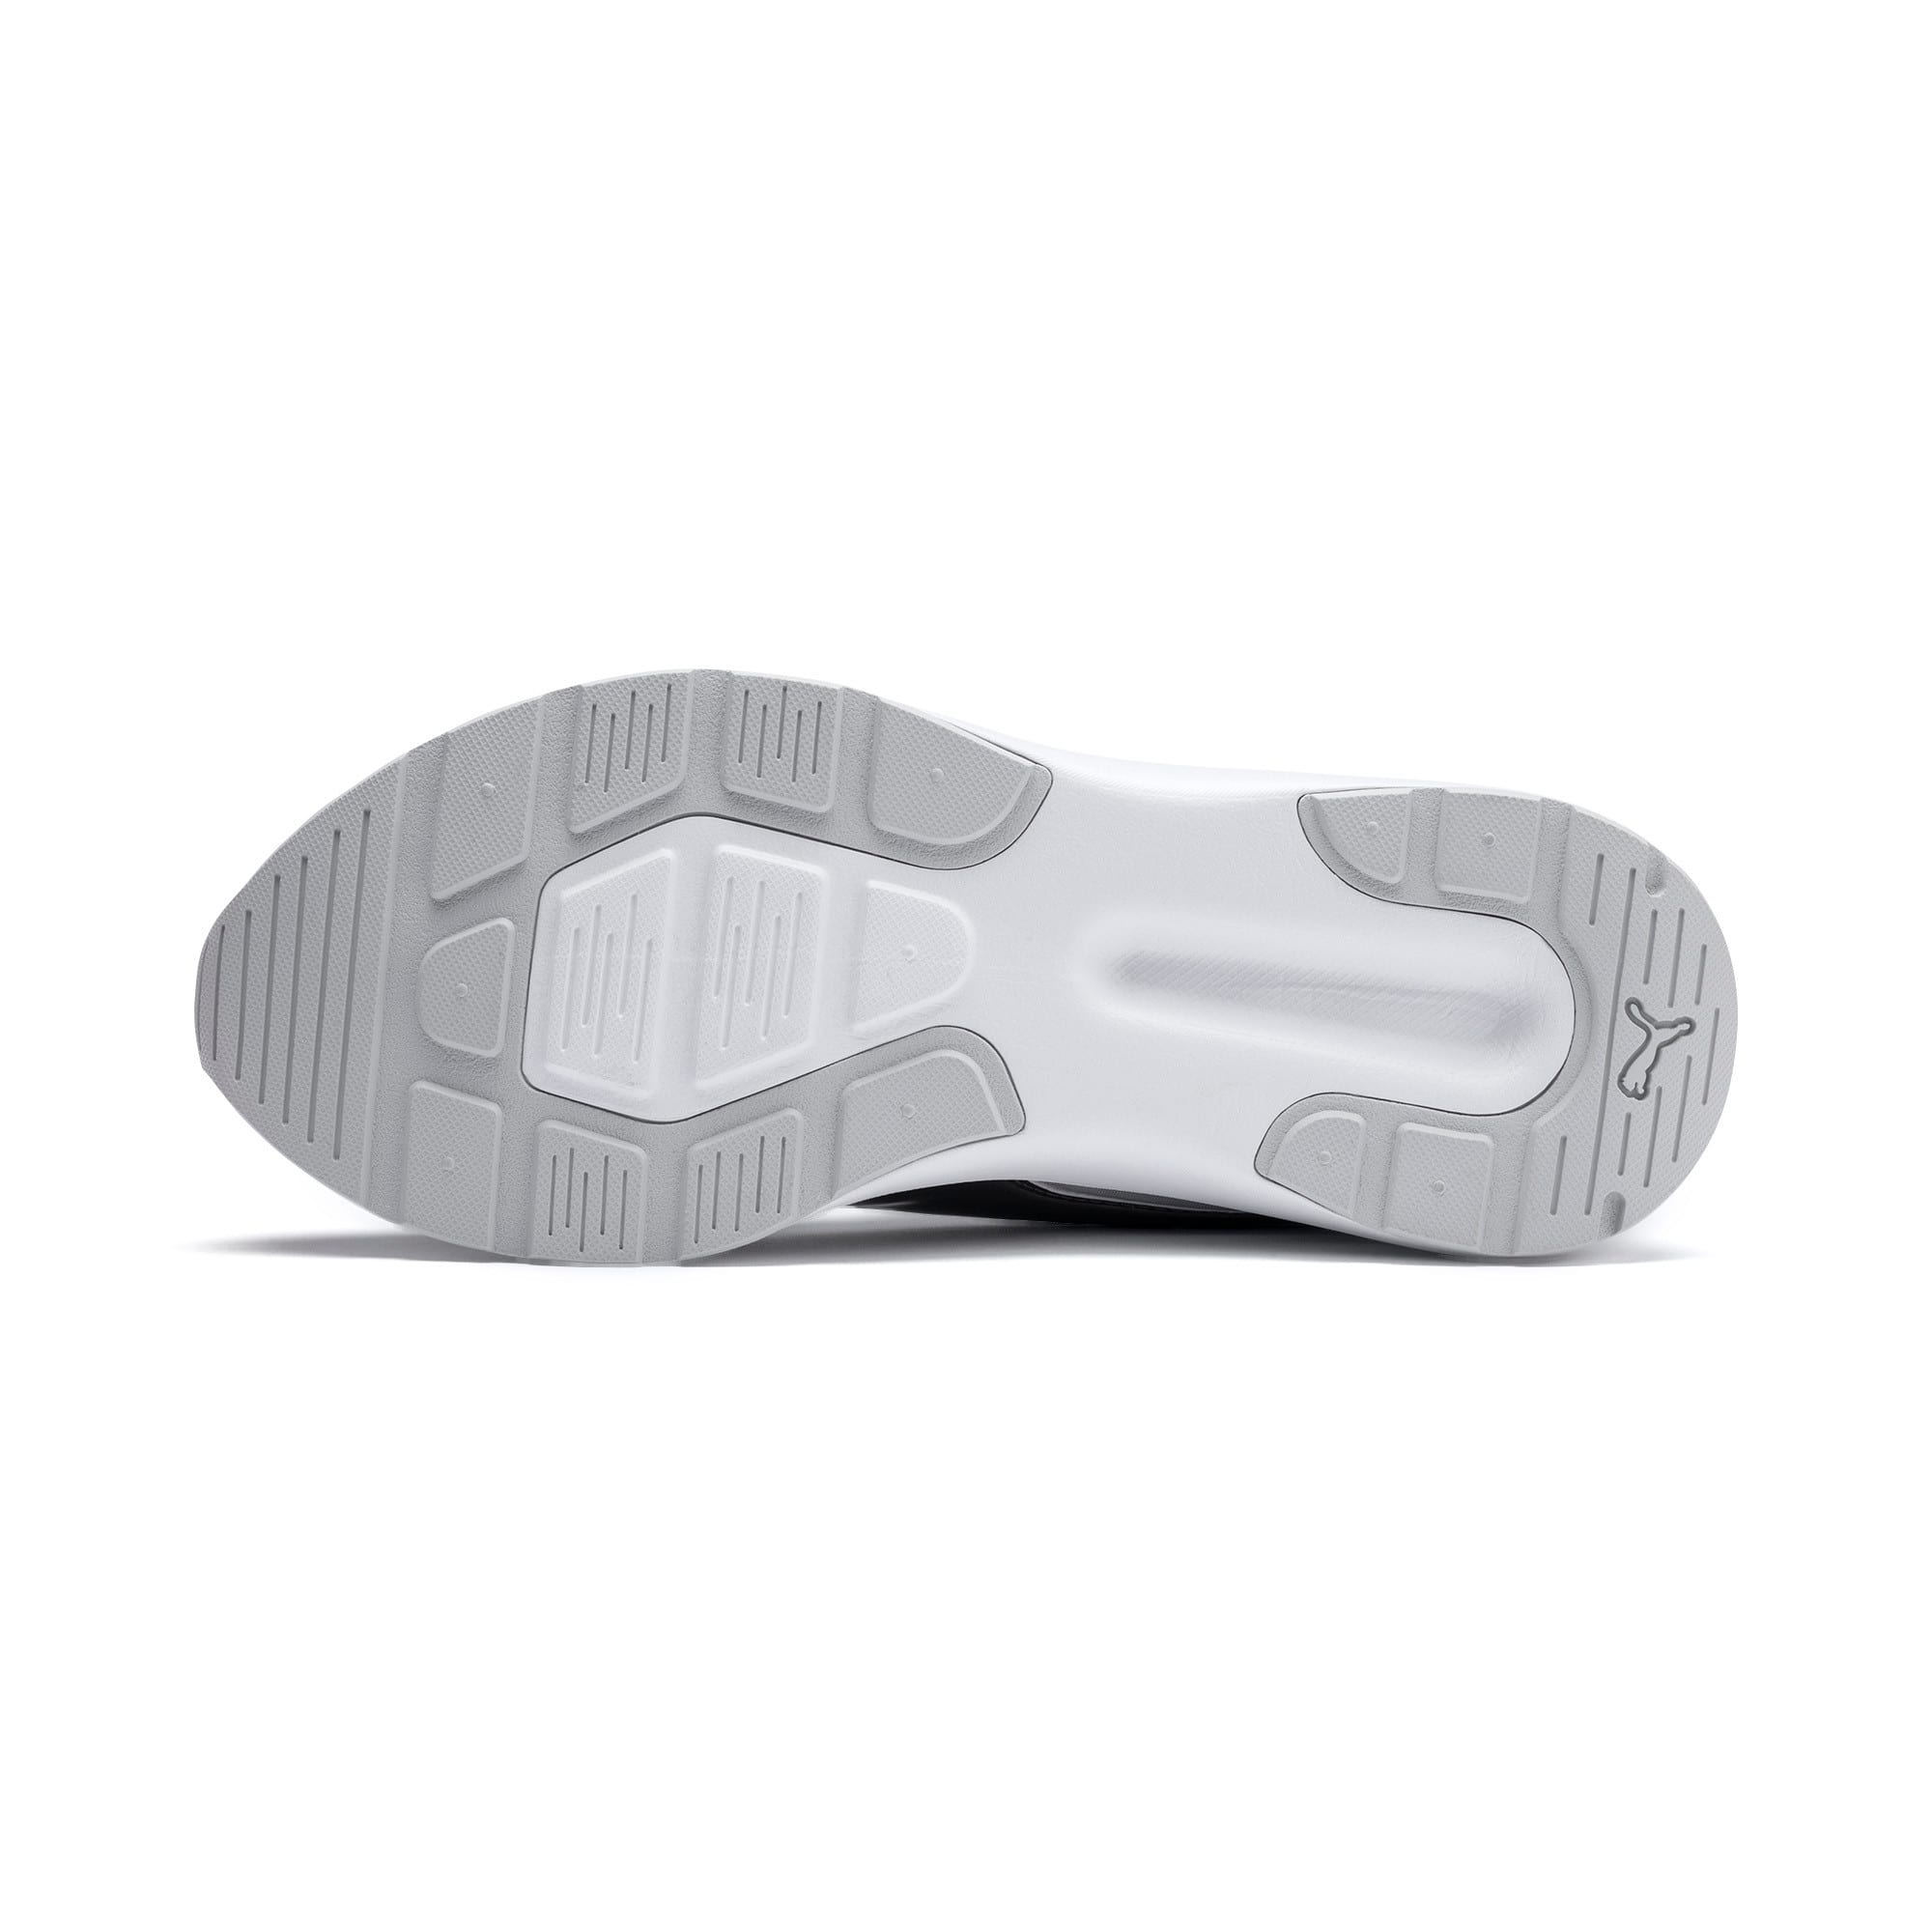 Miniatura 3 de Zapatos deportivos AdelaTrailblazer para mujer, Puma White-Puma White, mediano